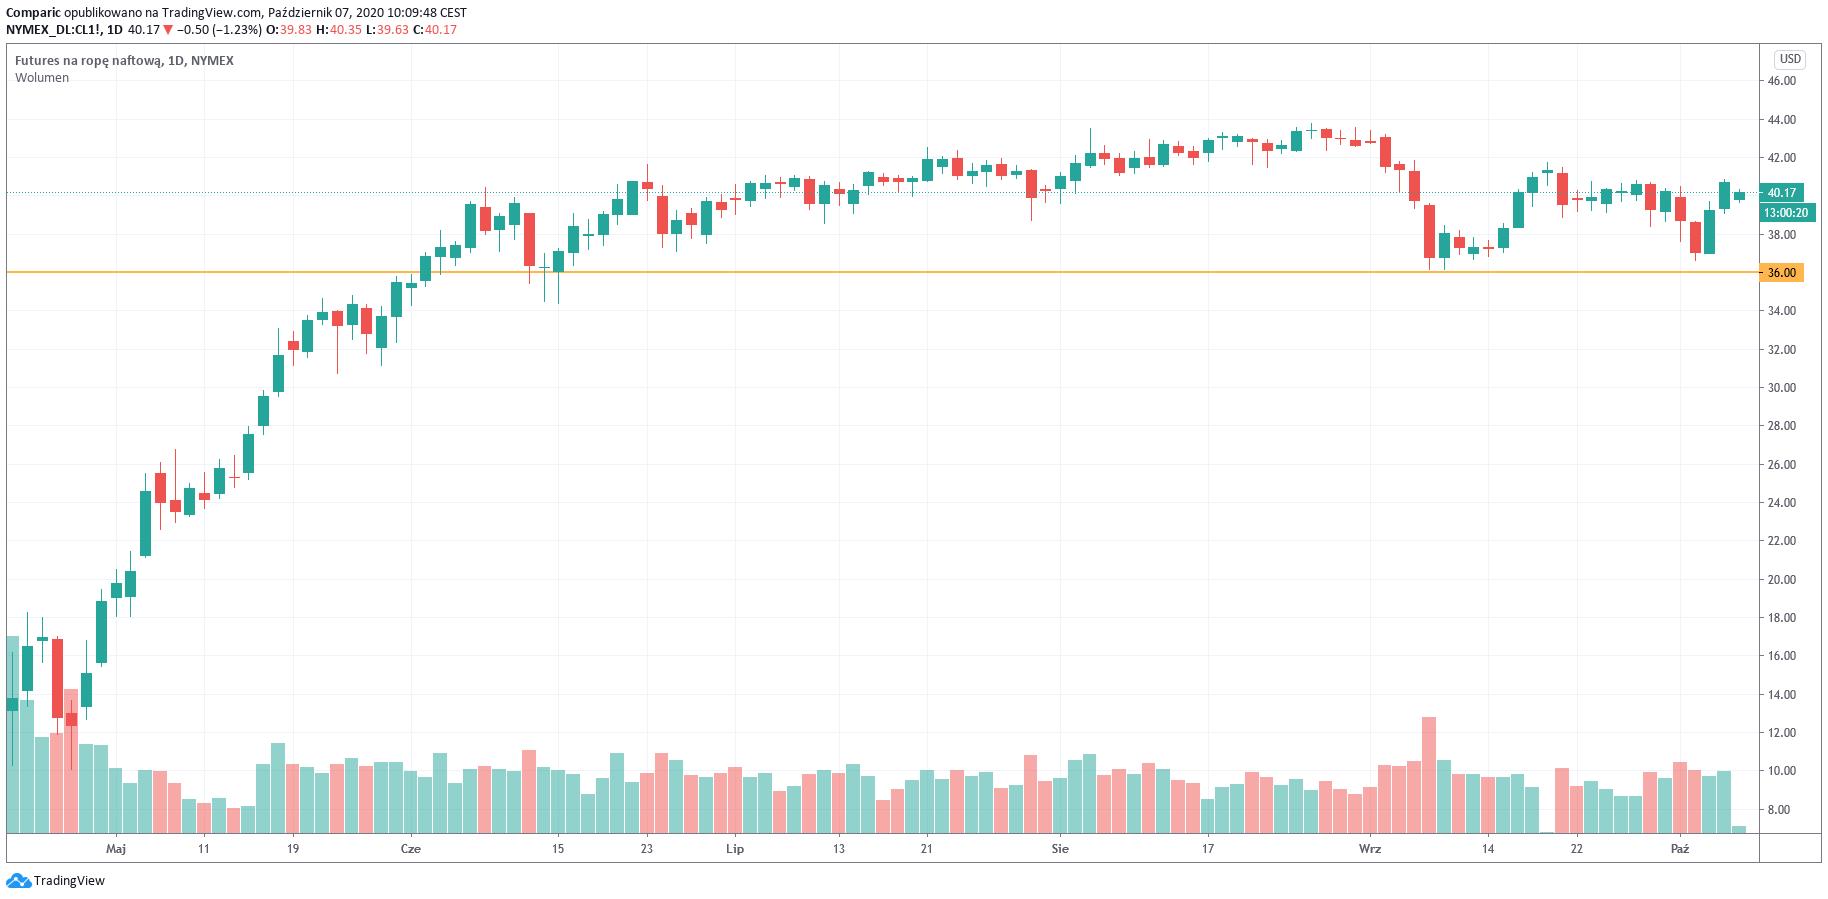 Ropa WTI nadal powyżej 40 dol., ale tanieje wskutek deklaracji Trumpa